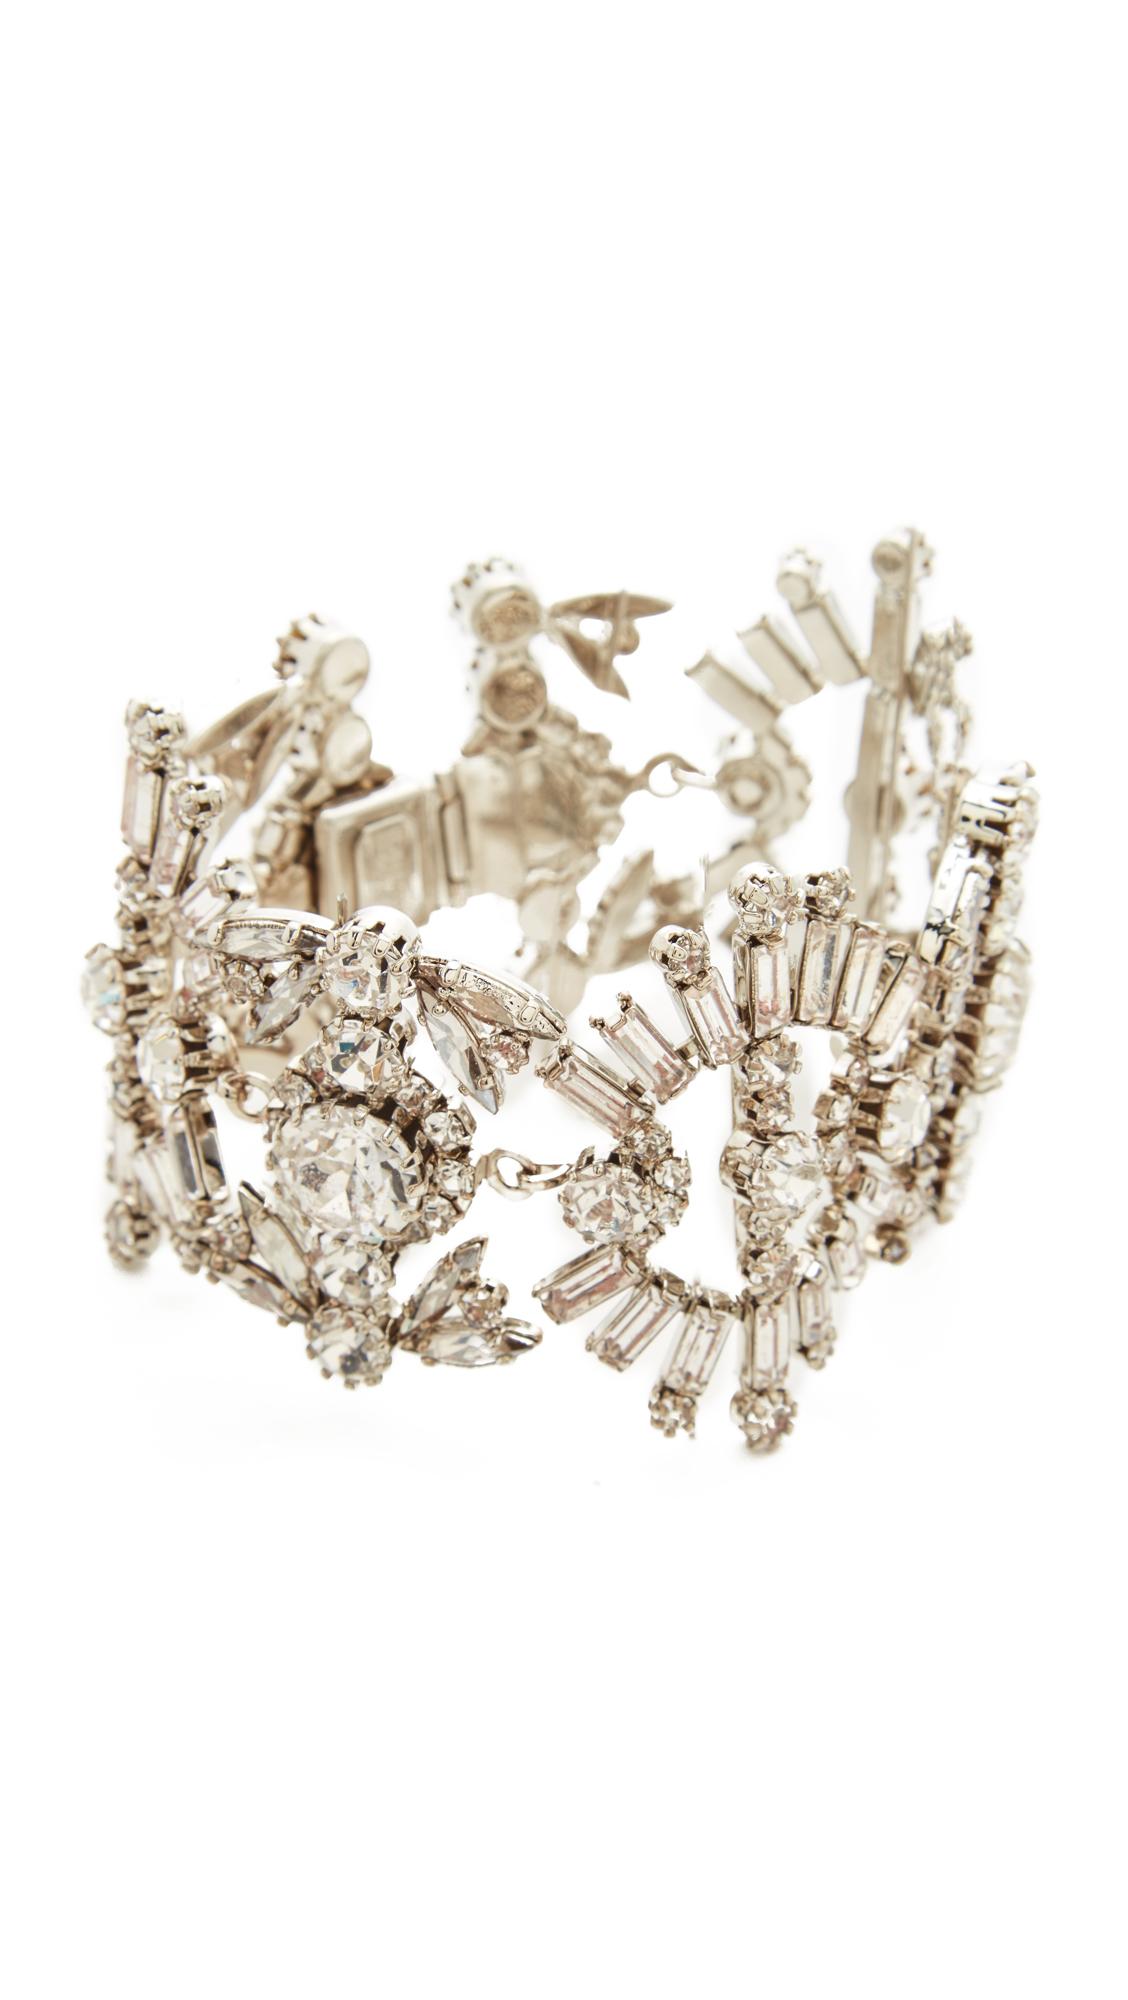 Elizabeth Cole Misty Bracelet - Crystal